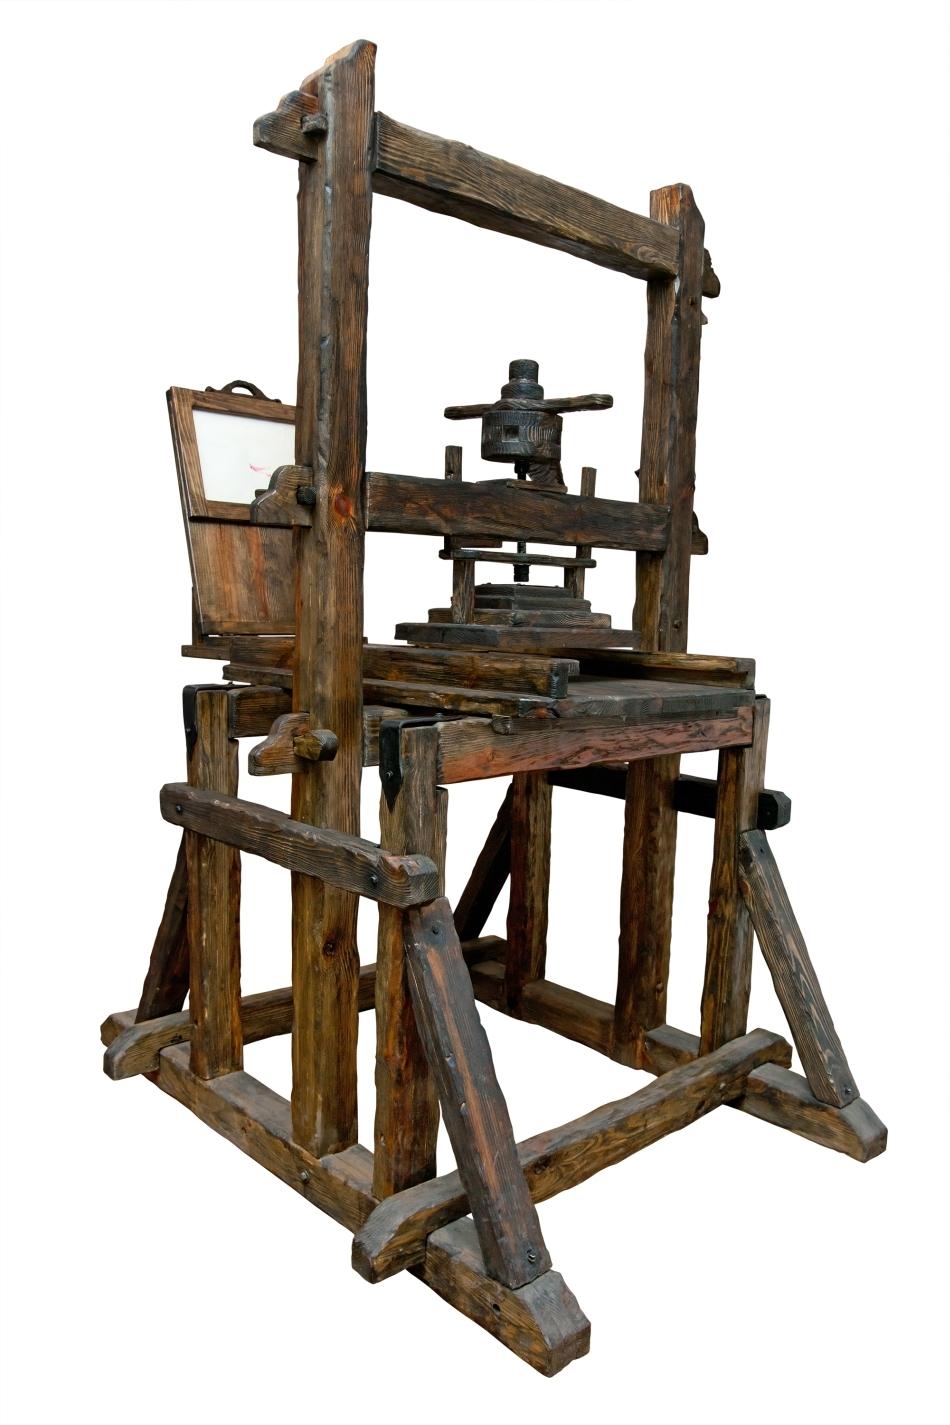 Presă de tipărit din perioada medievală